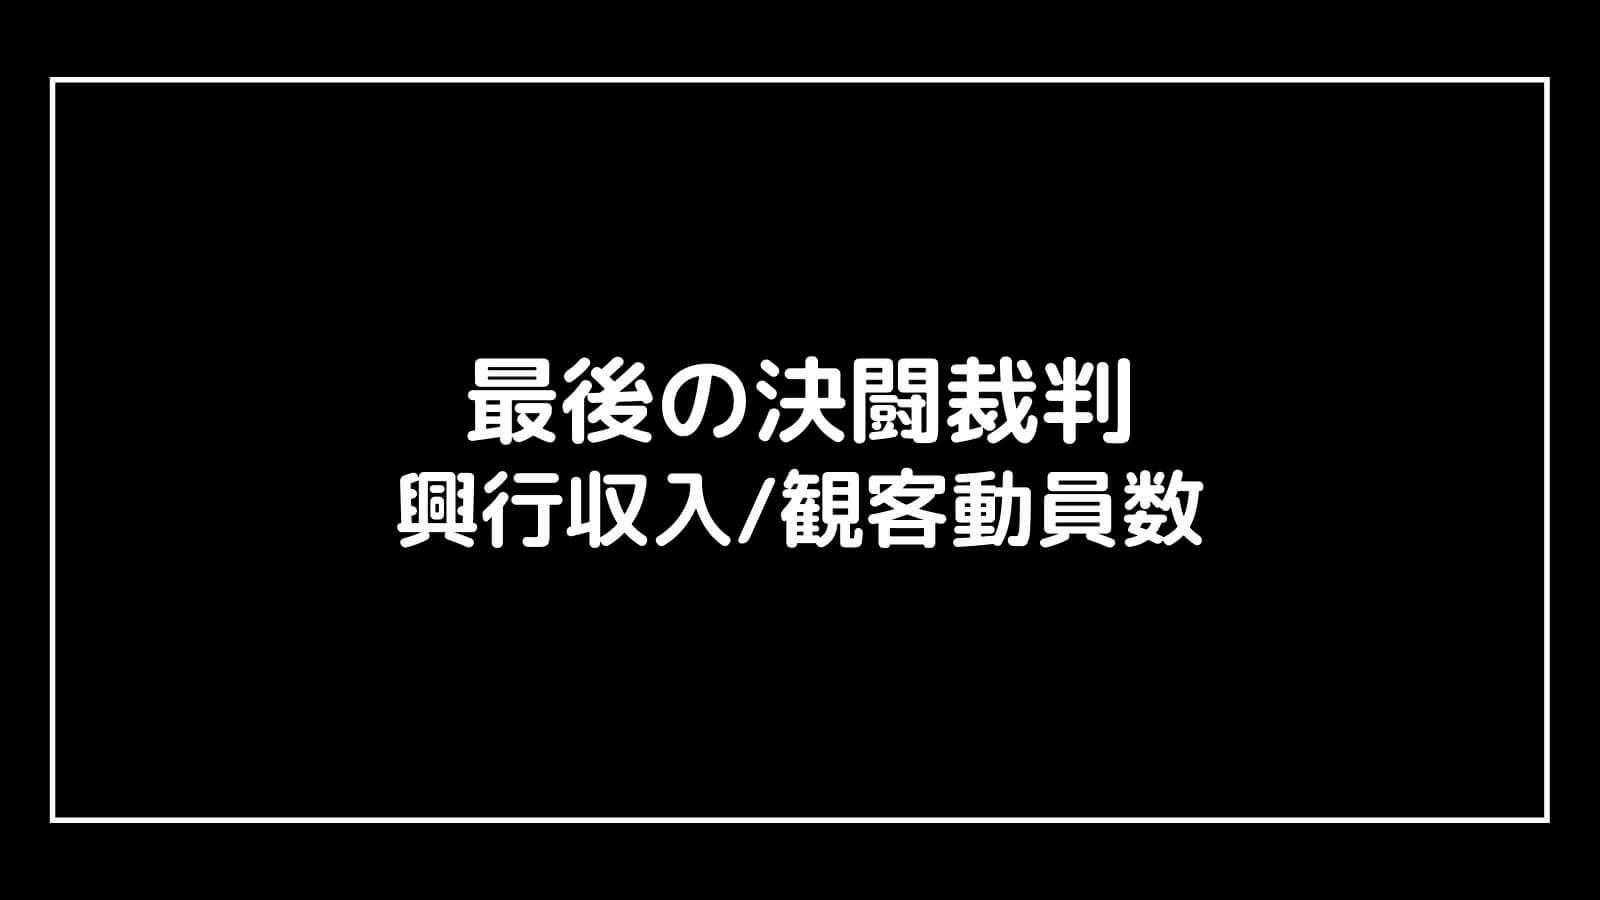 映画『最後の決闘裁判』興行収入推移と最終興収を元映画館社員が予想